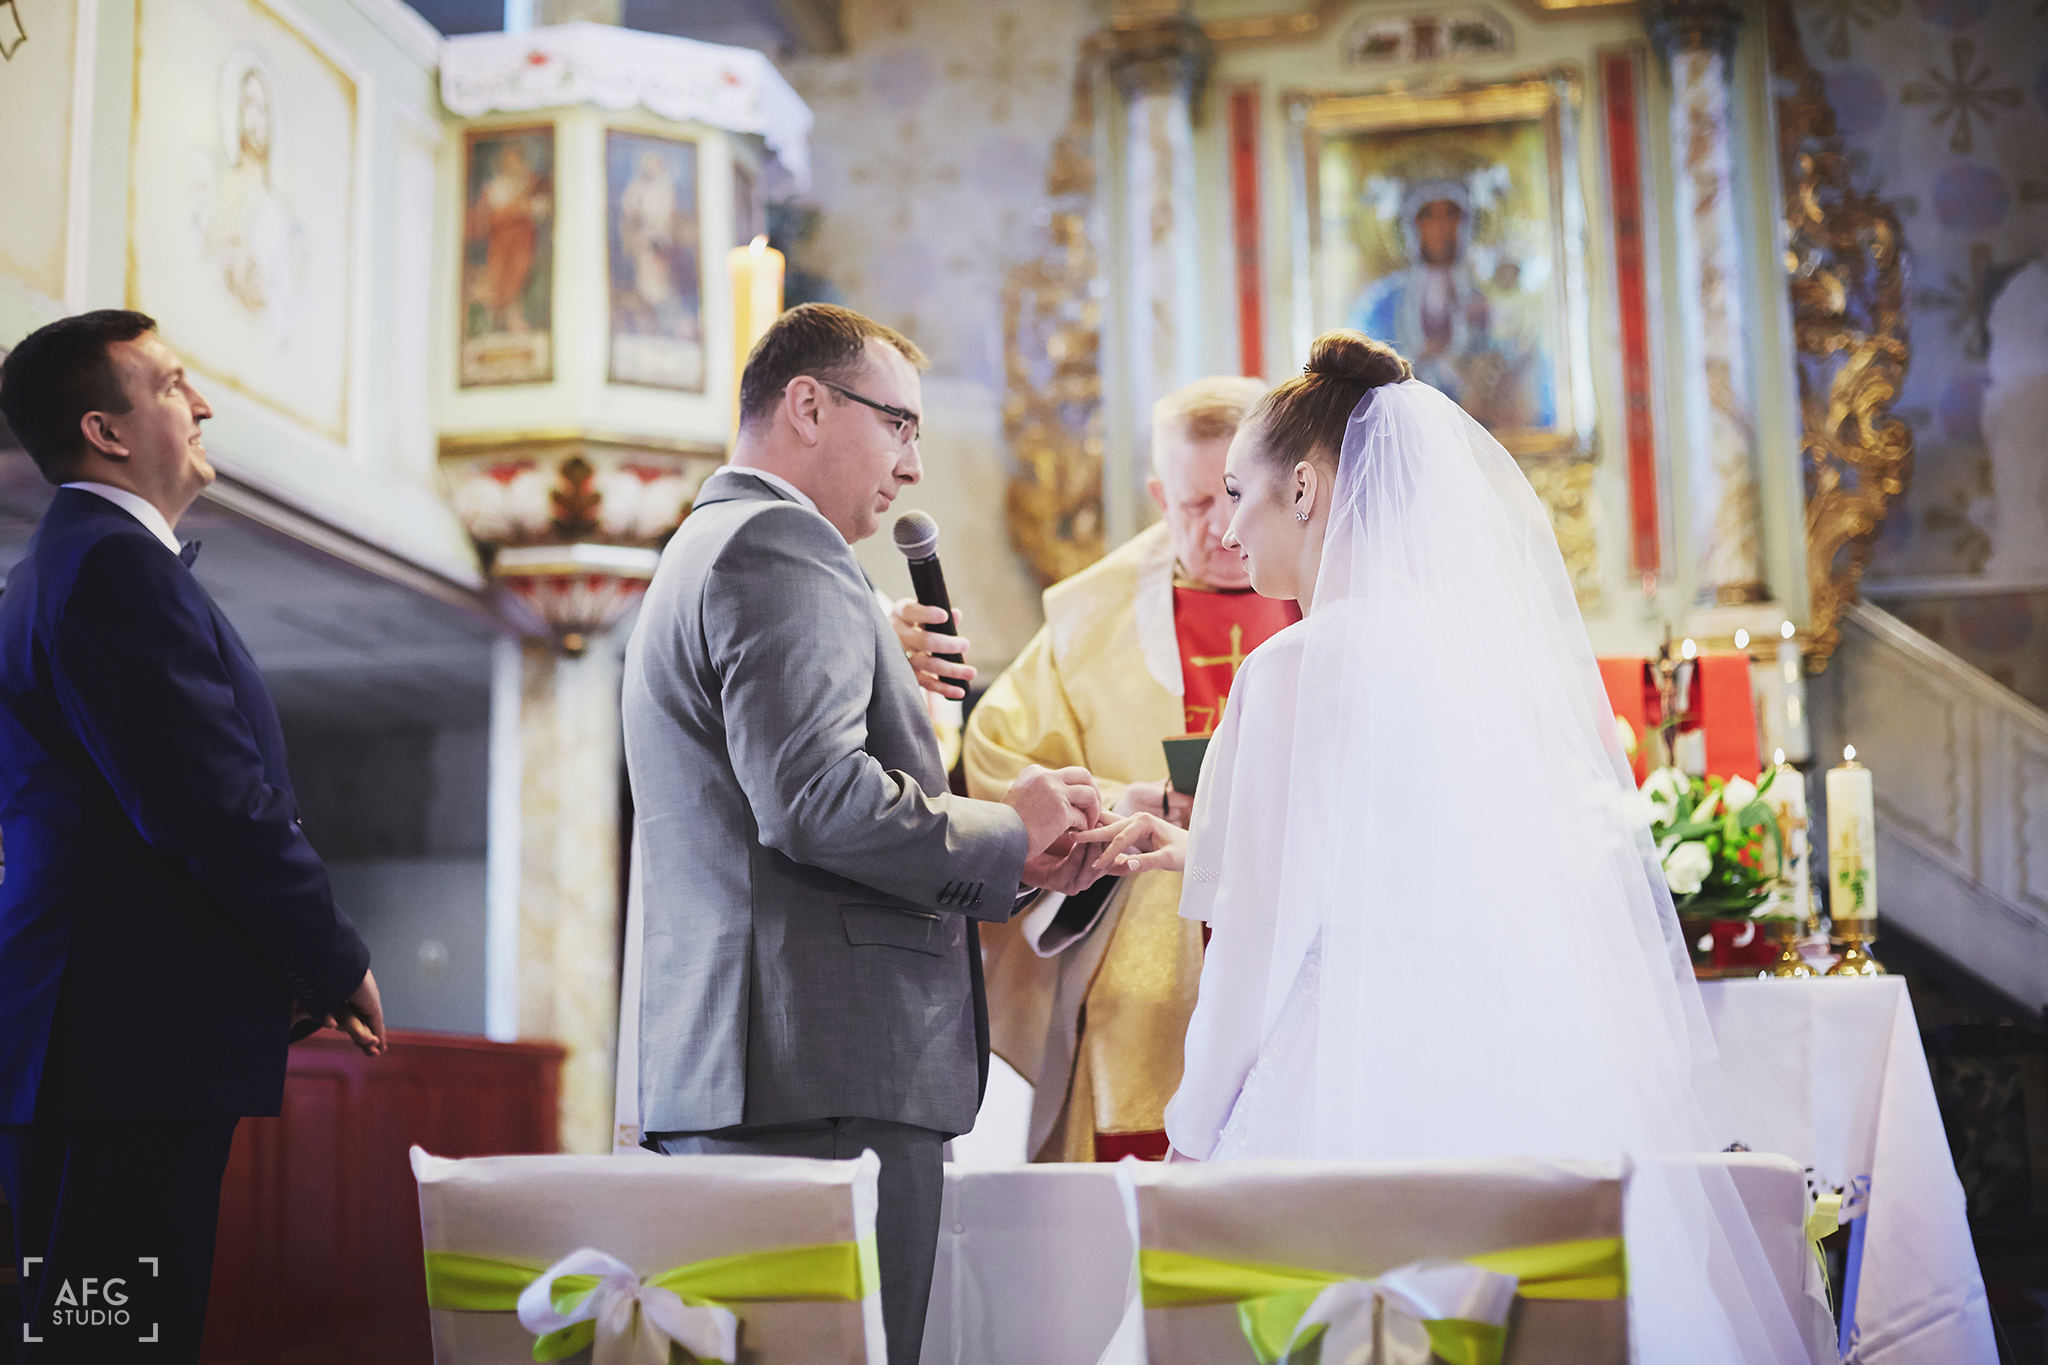 przysięga ślubna, Państwo młodzi, Kościół